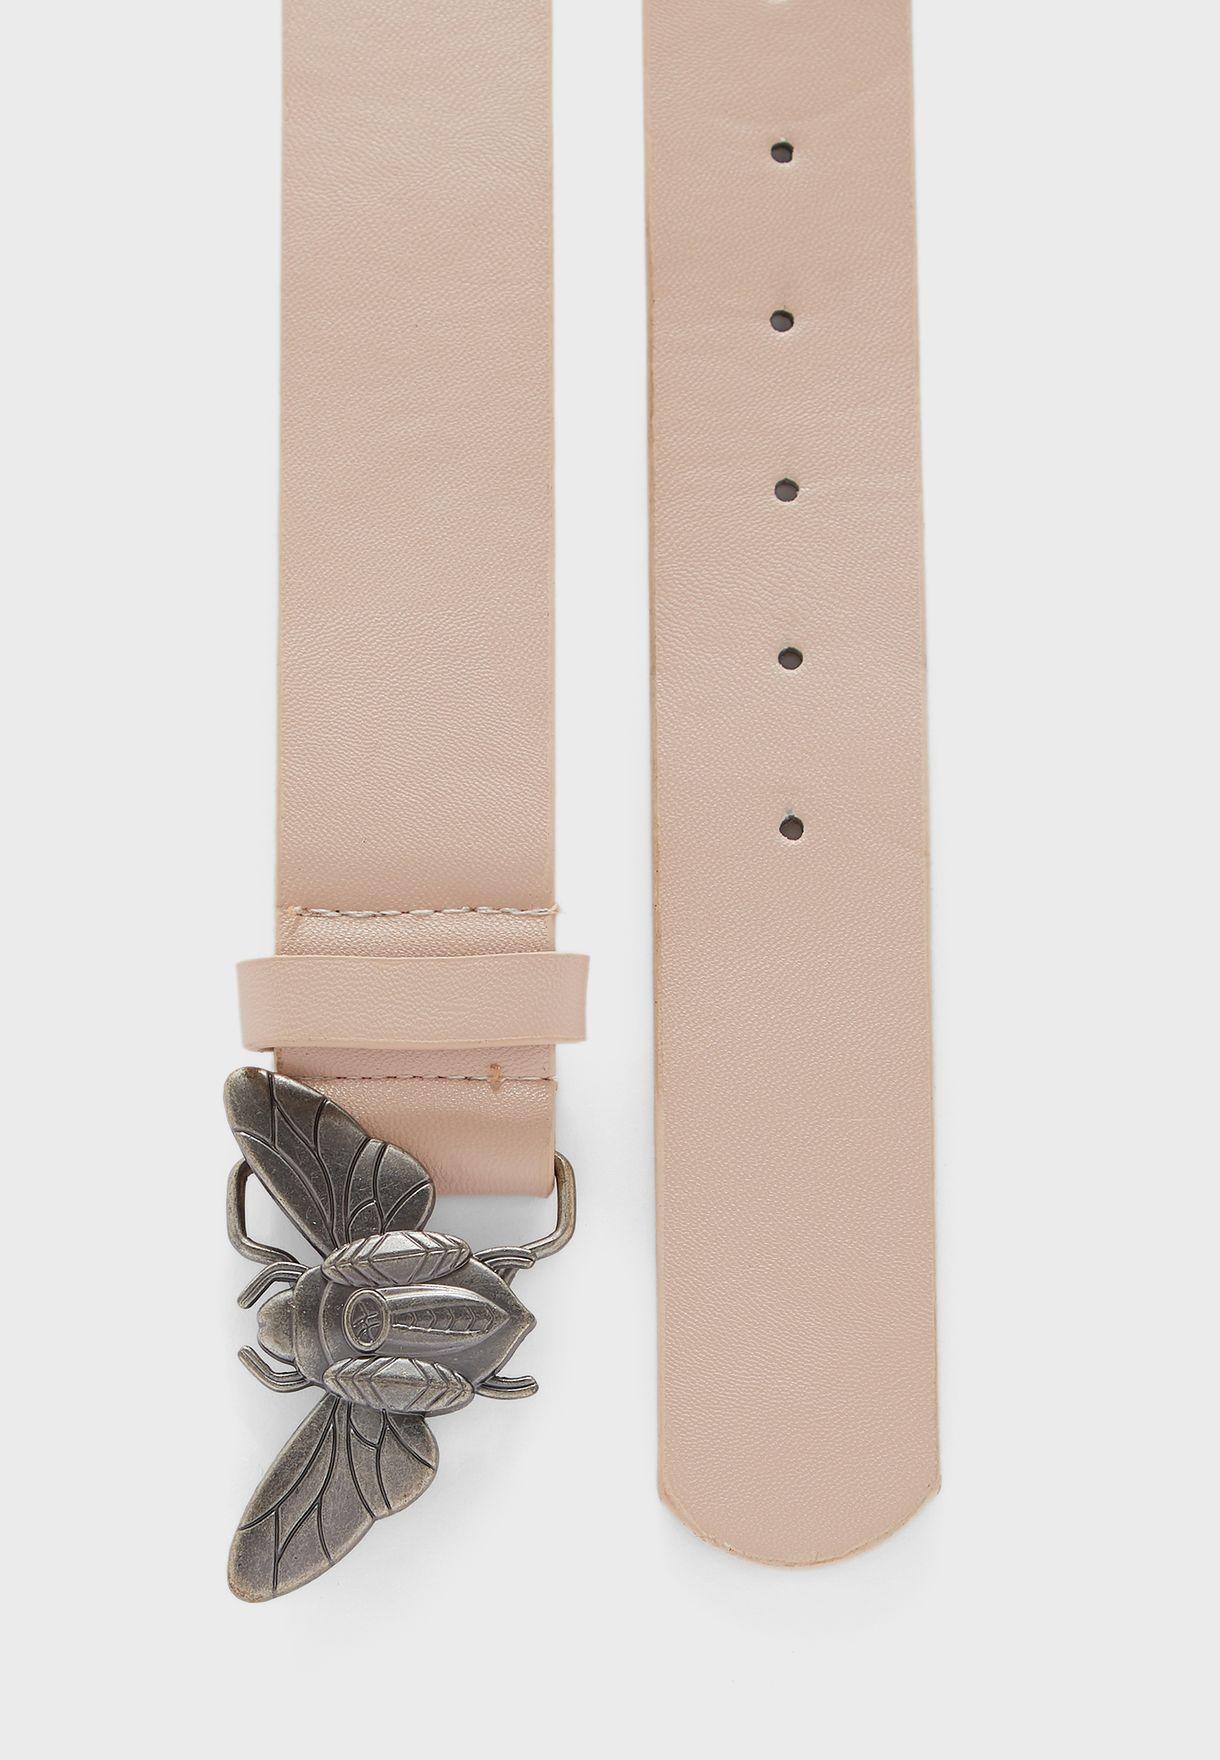 حزام بابزيم فراشة